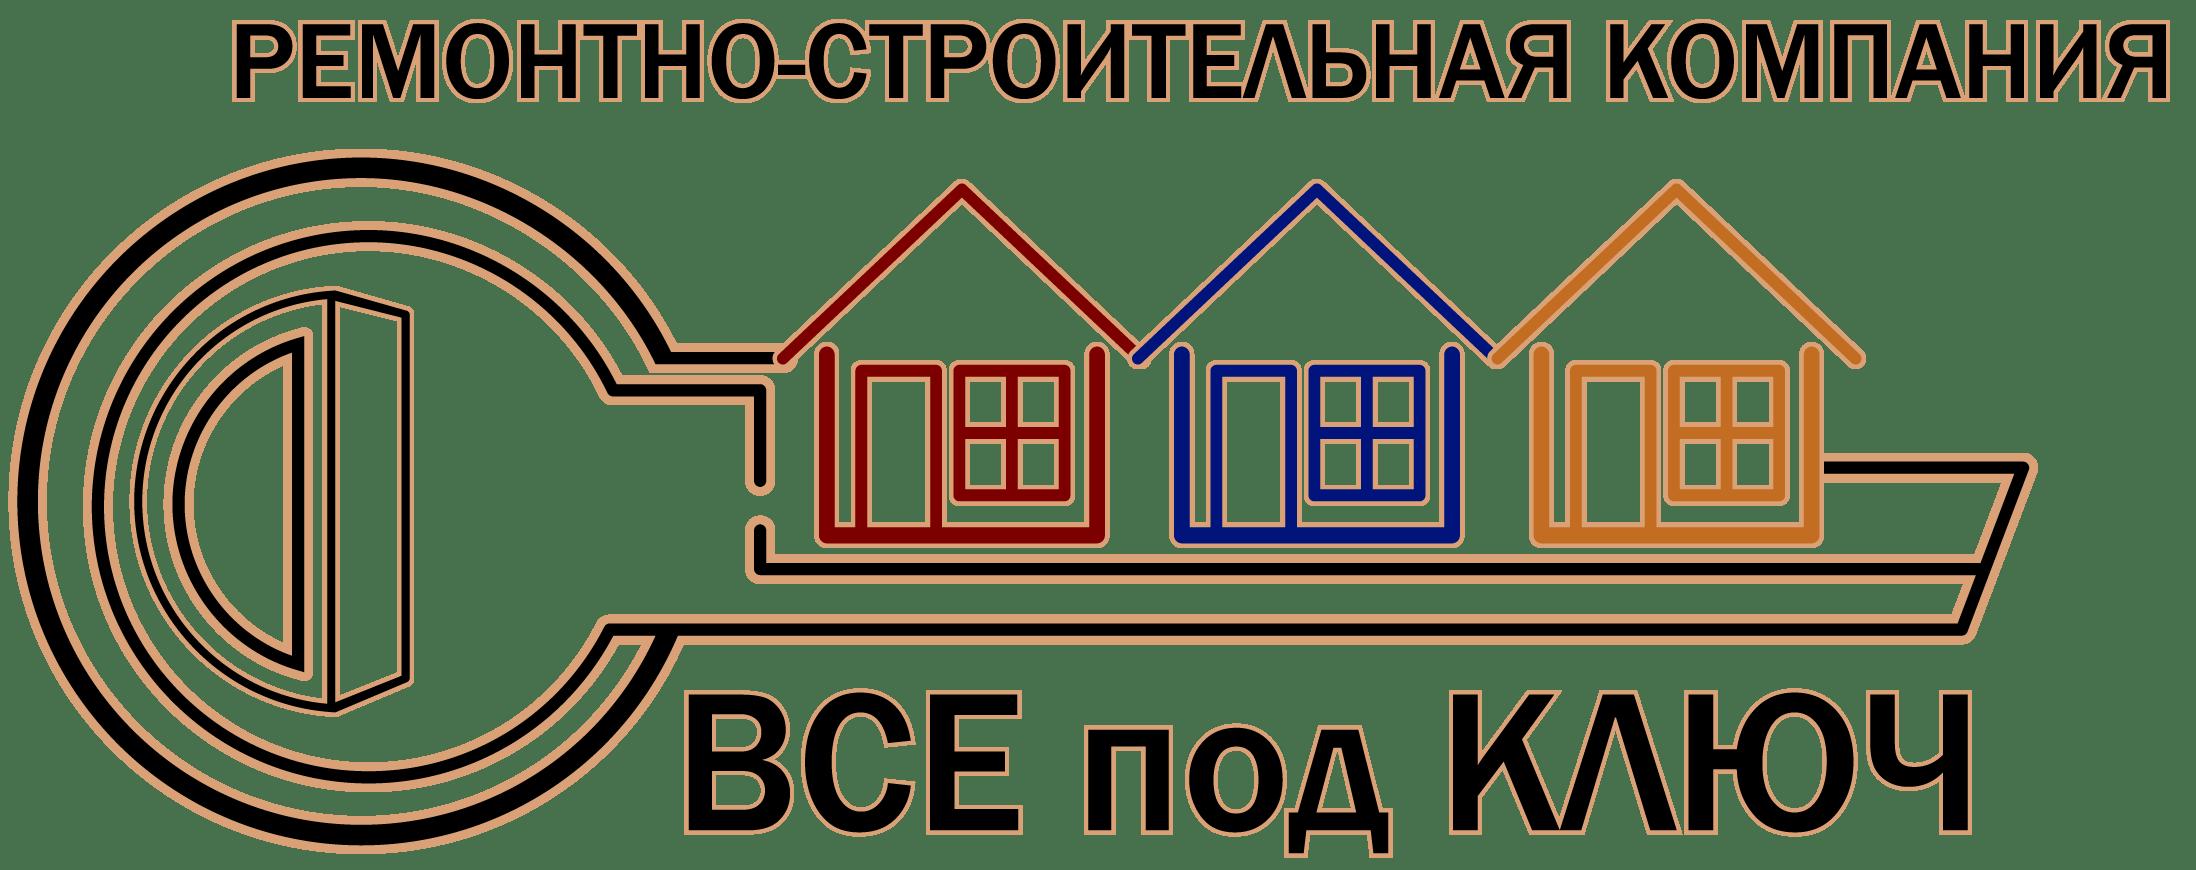 Vsepodklyuch-krim.ru